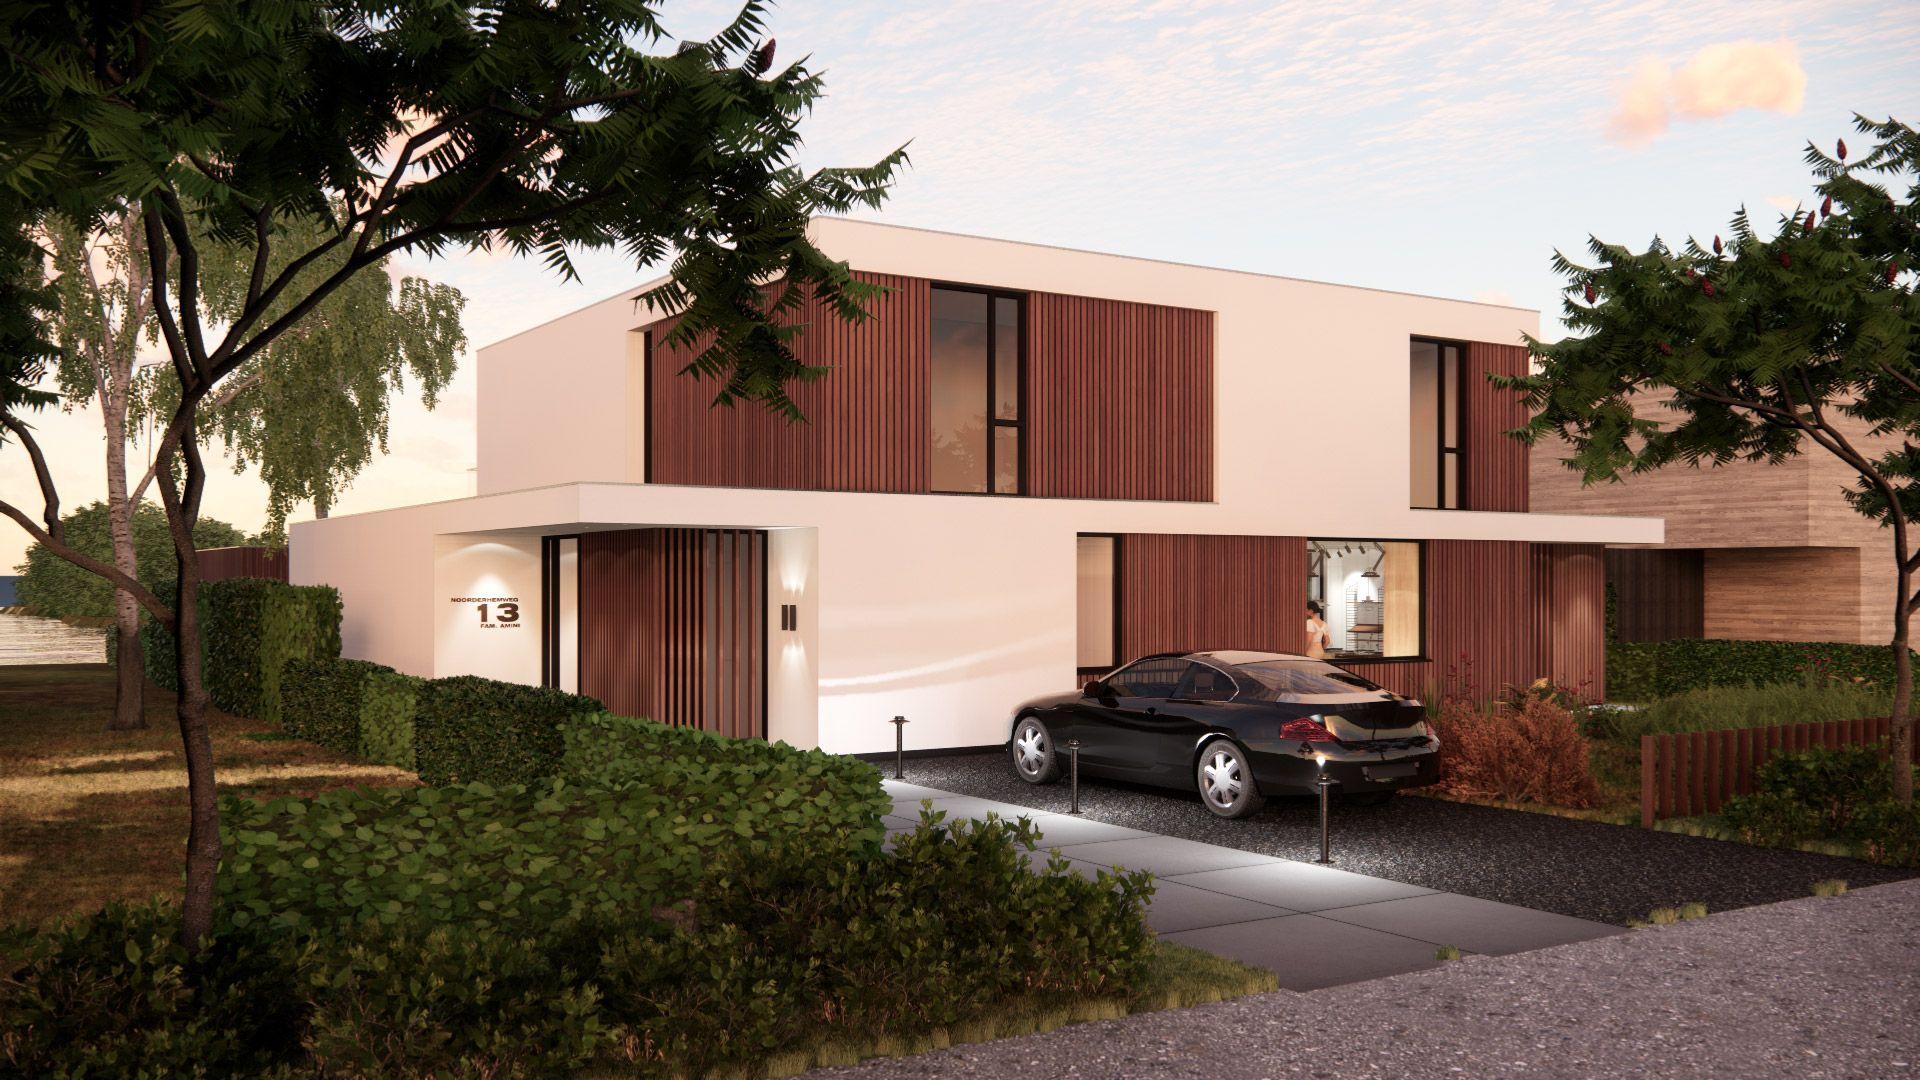 BNLA-architecten-luxe-villa-stucwerk-hout-duurzaam